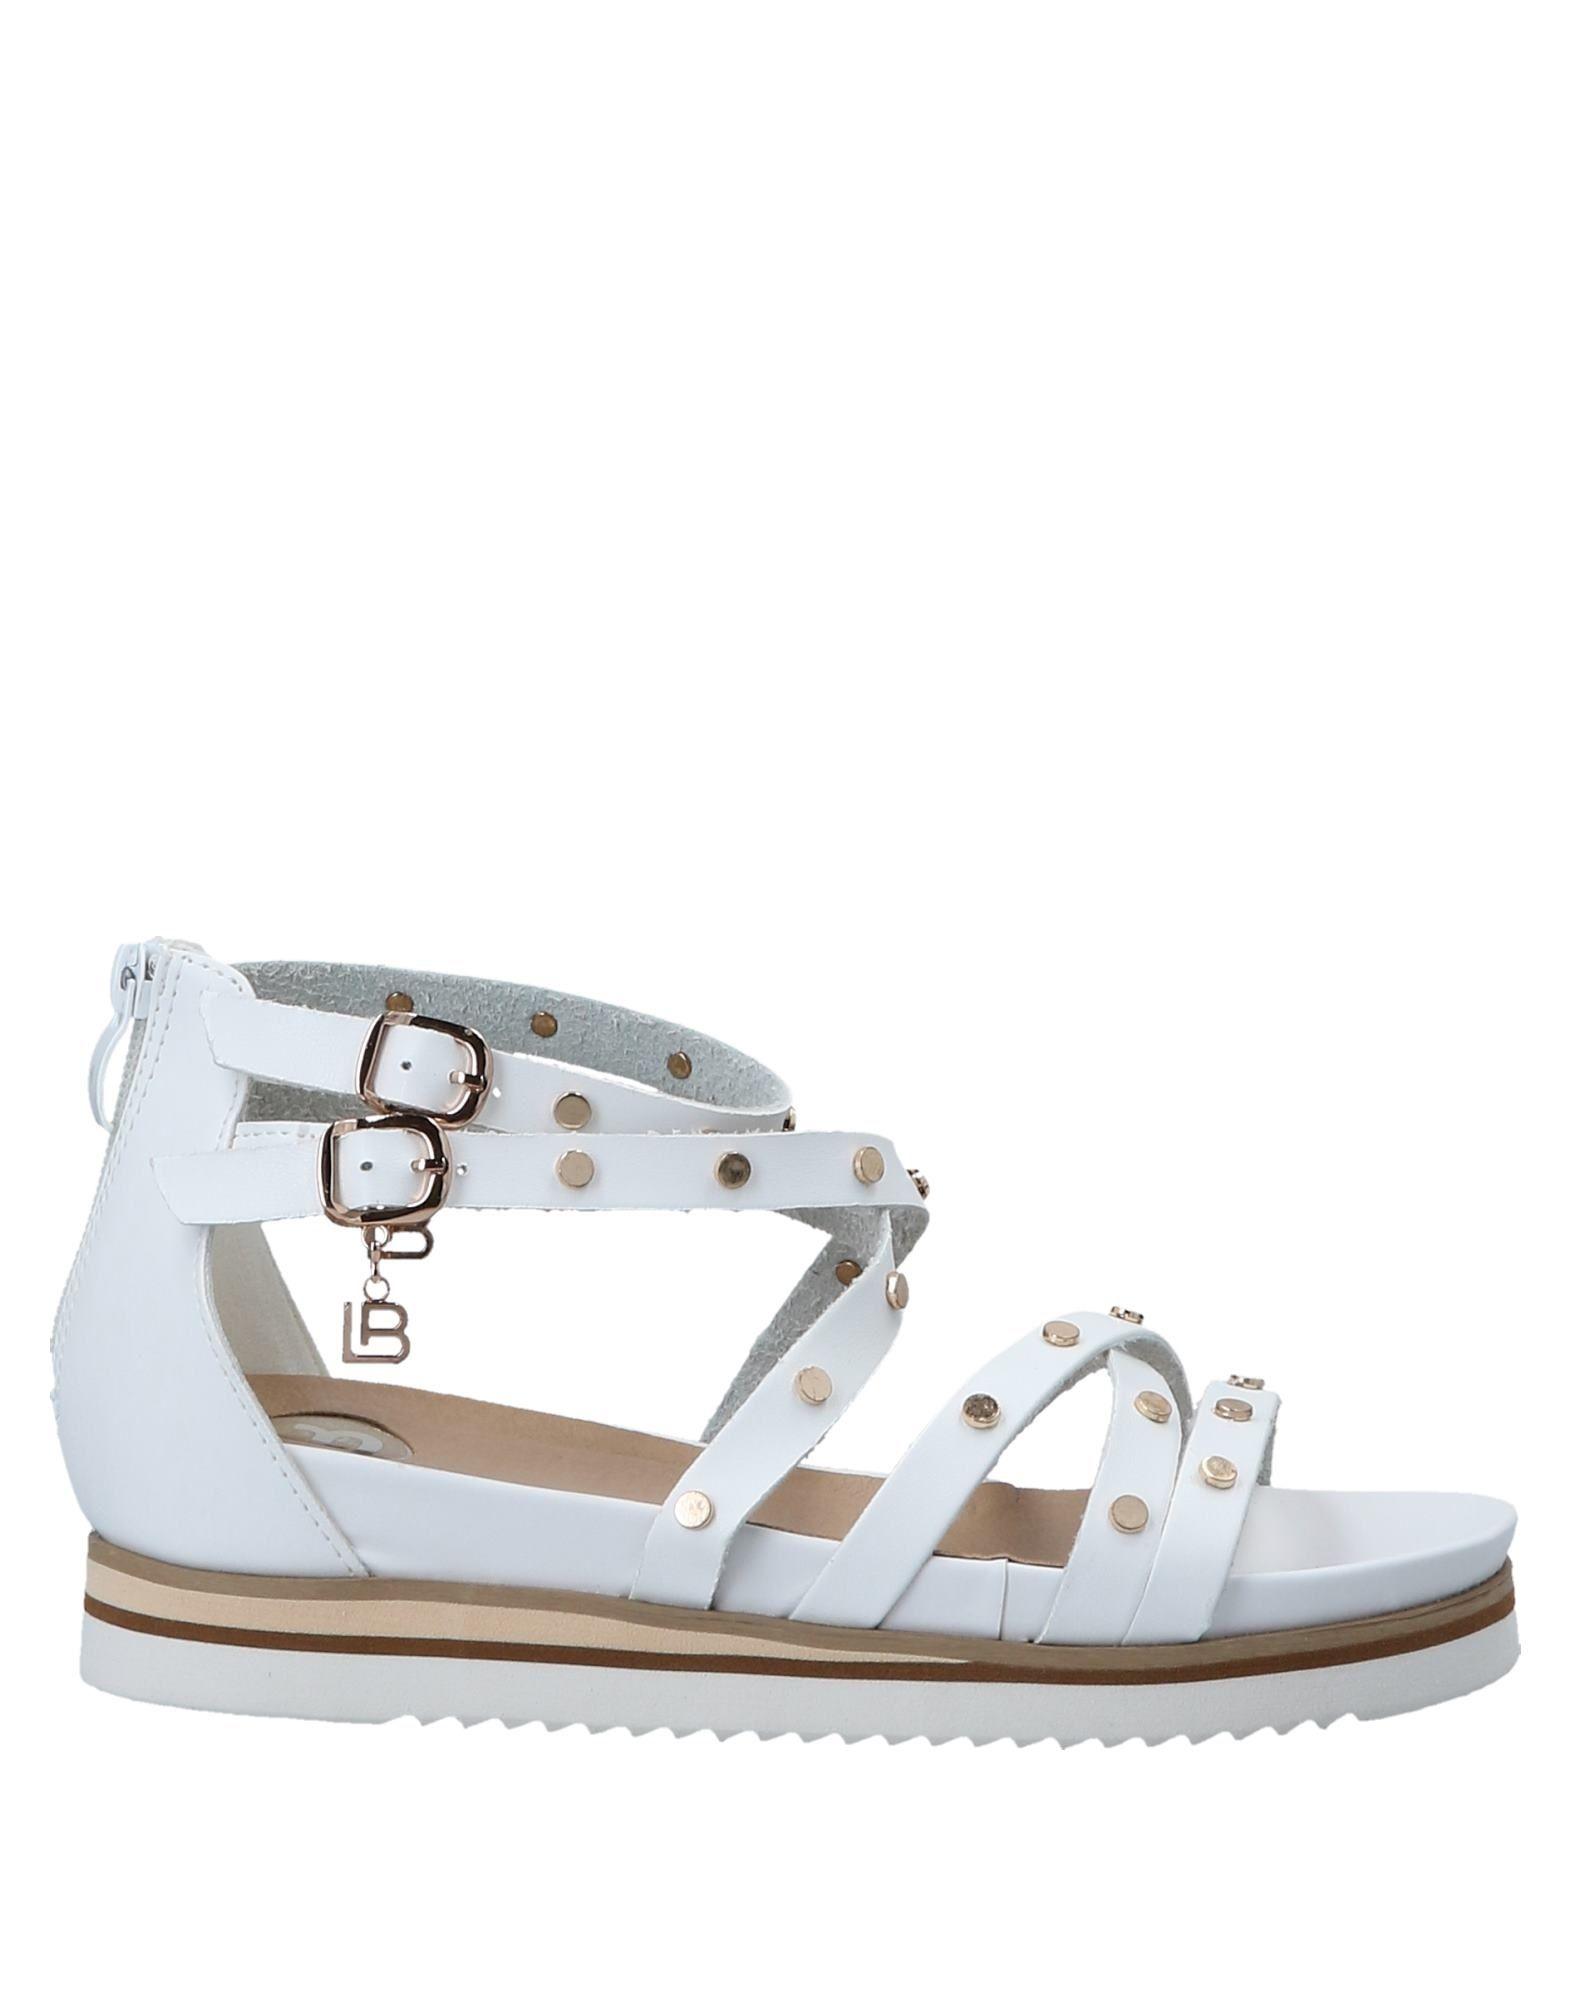 Laura Biagiotti Sandalen Damen Schuhe 11556525TS Gute Qualität beliebte  Schuhe 11501b c701decc5a